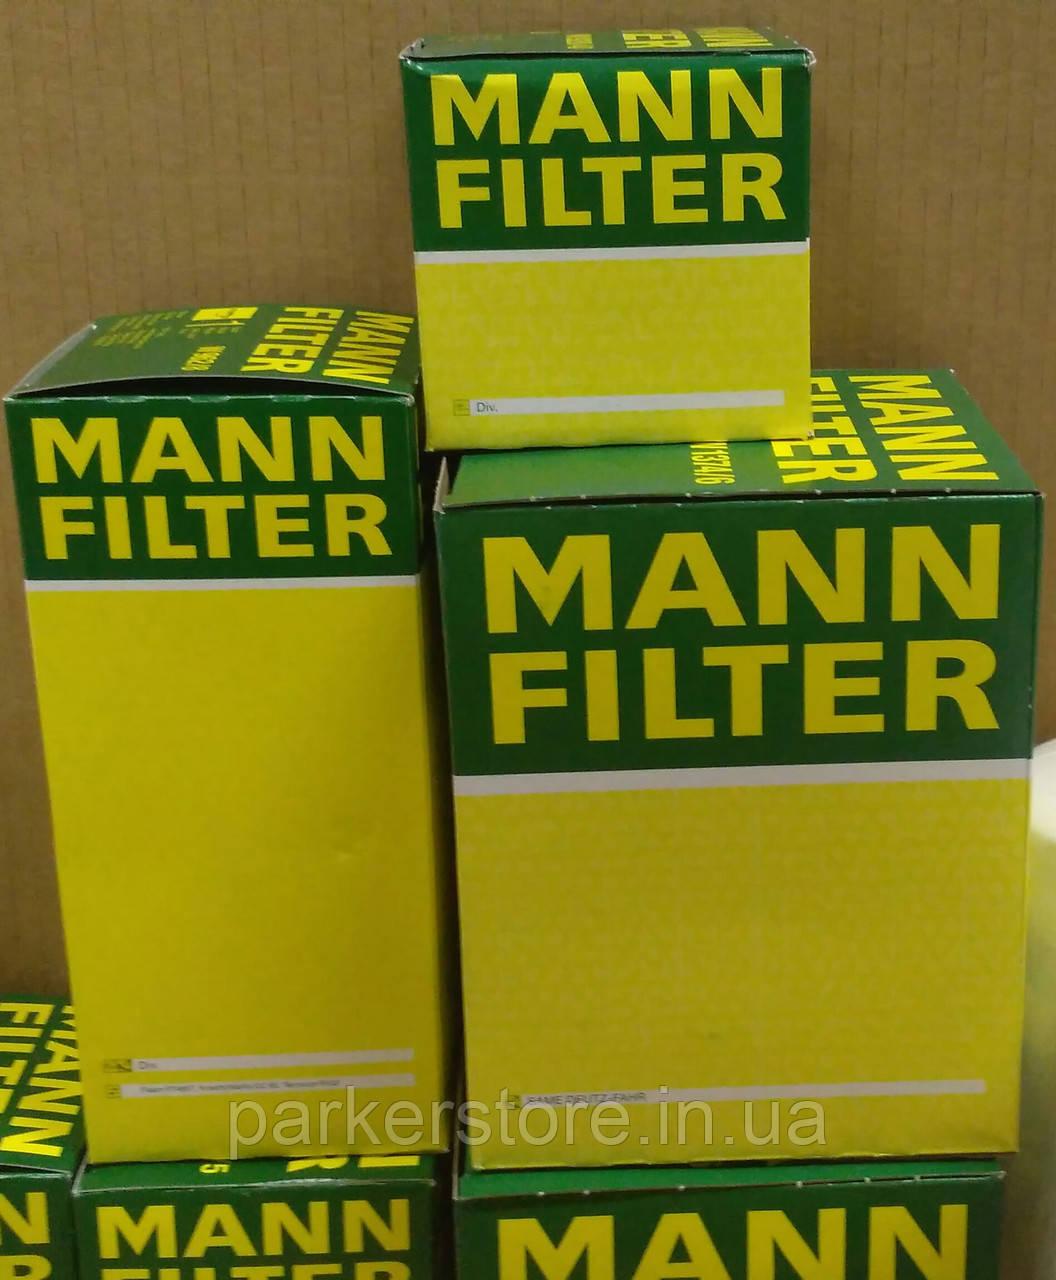 MANN FILTER / Воздушный фильтр / C 2619 / C2619